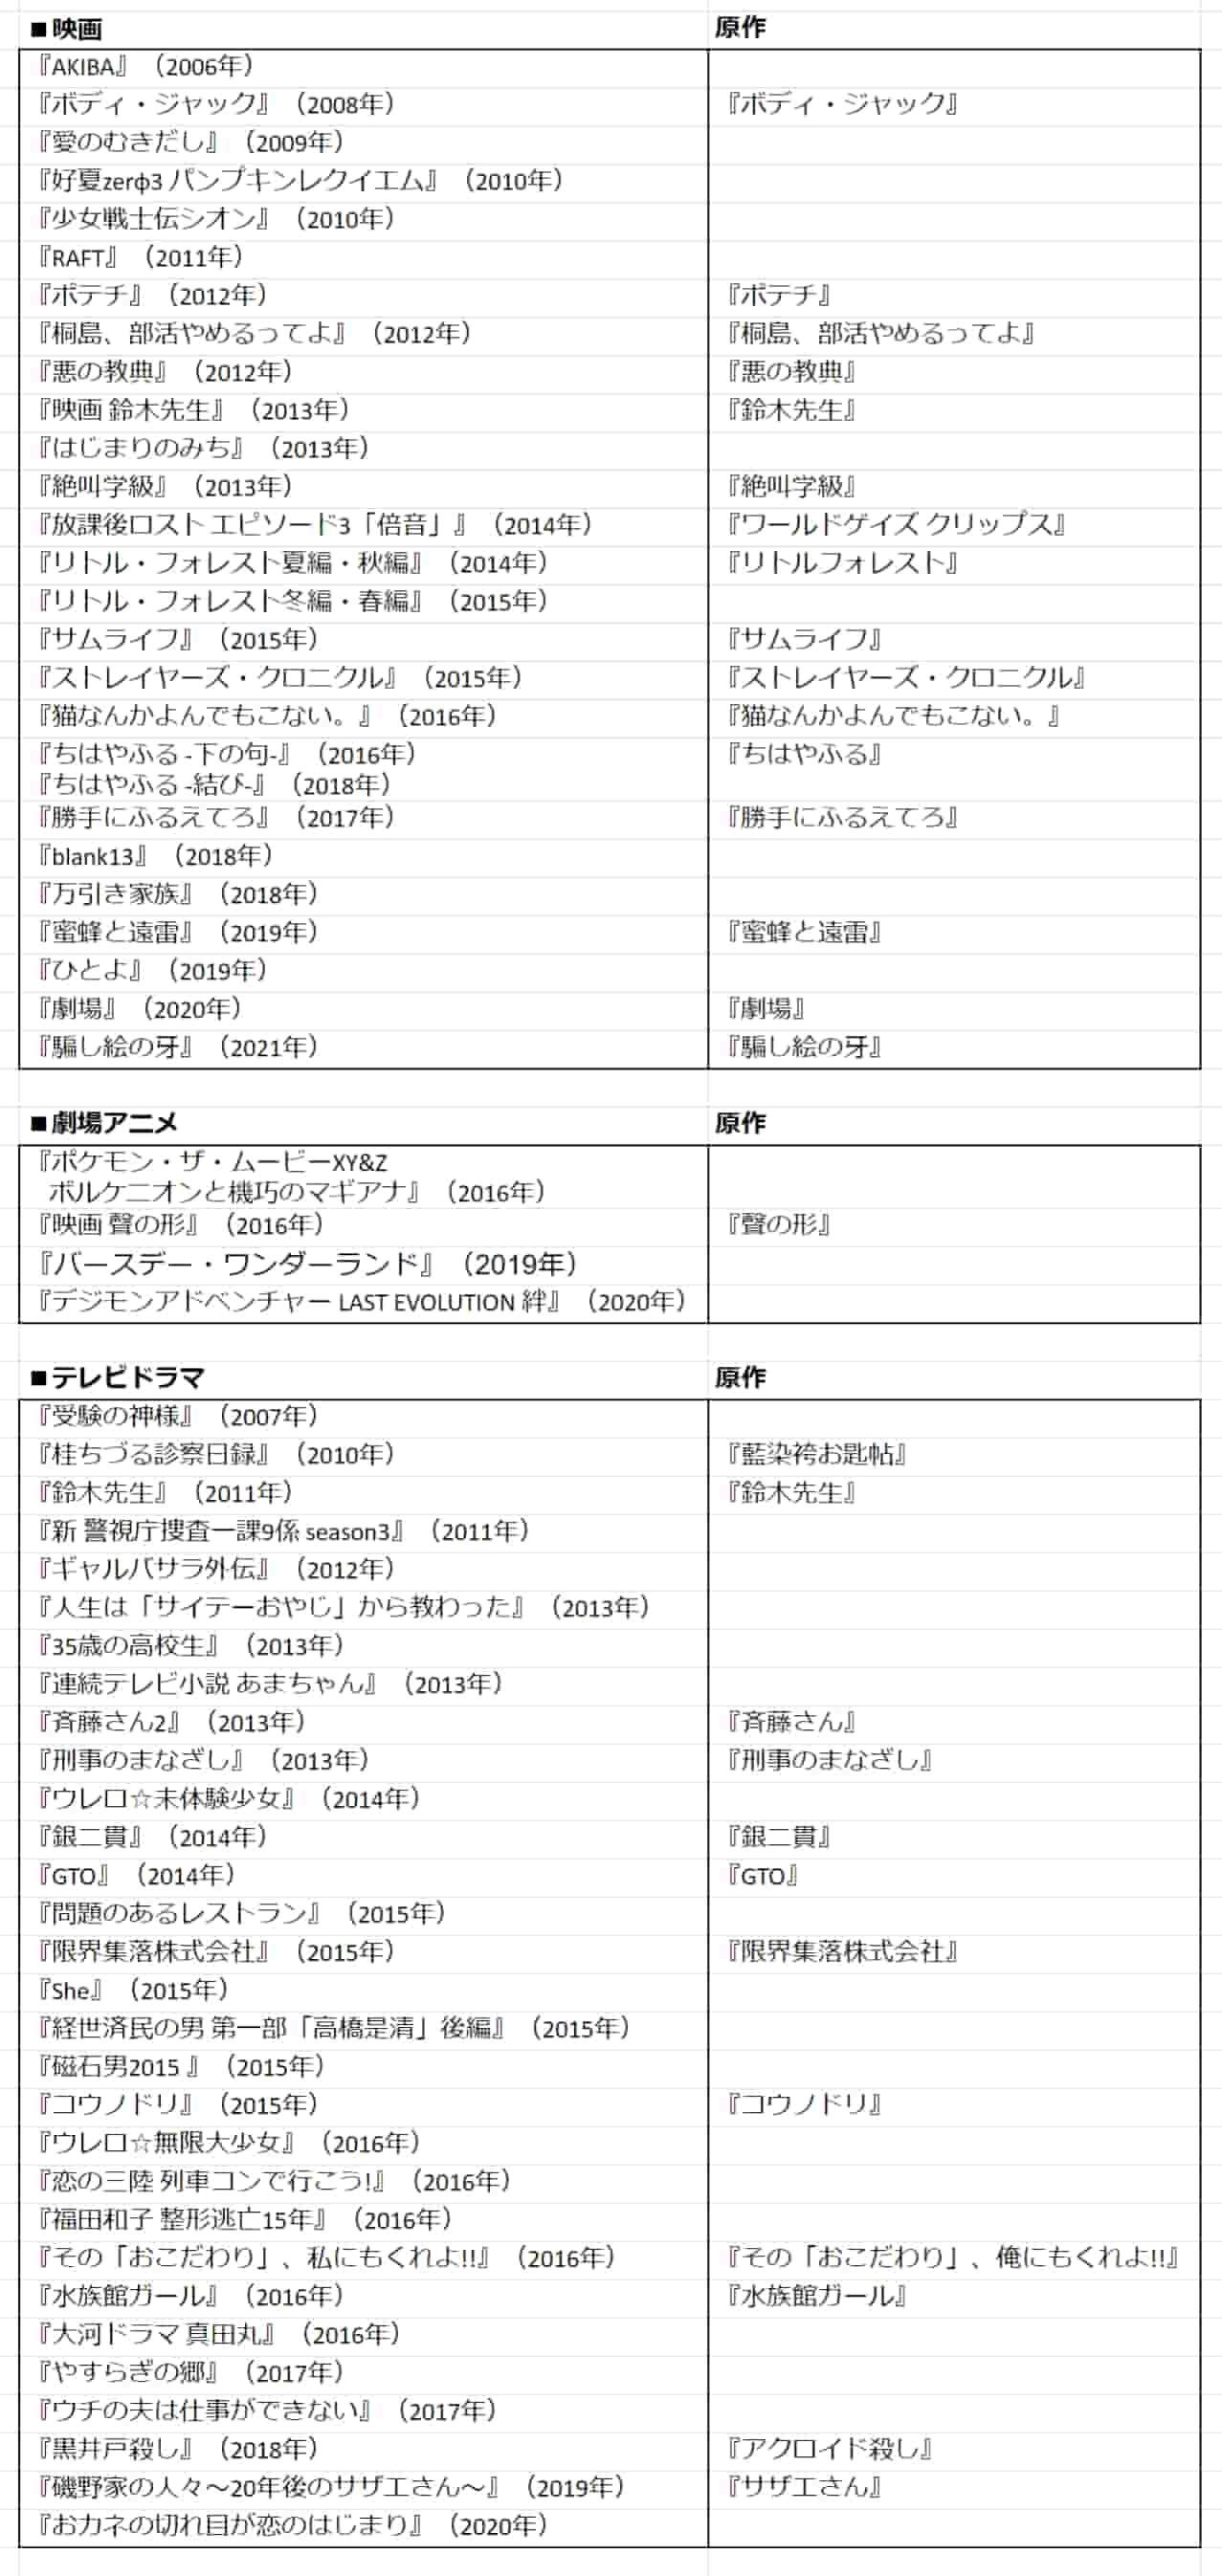 【出演作品一覧】松岡茉優は映画やテレビドラマでさまざまな役を演じる演技派女優